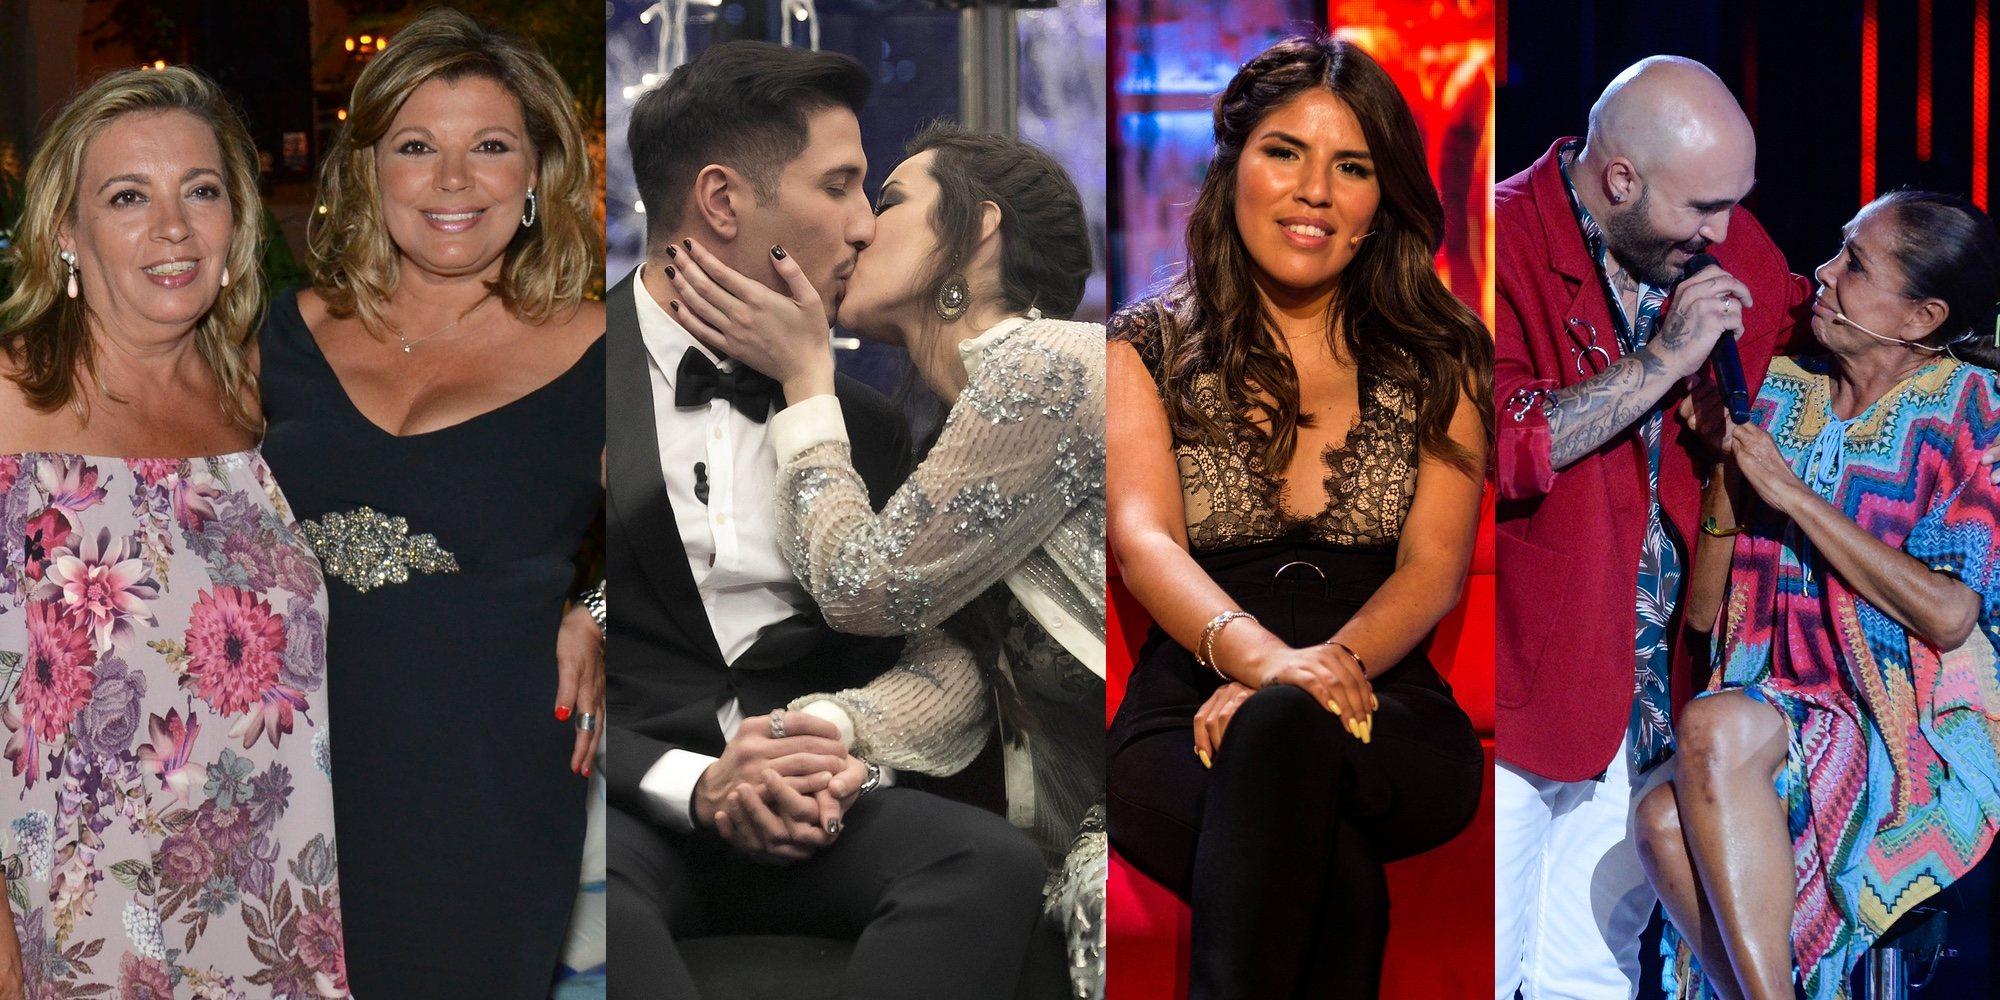 Triángulos amorosos, infidelidades, peleas, topos... Las polémicas que han marcado 2019